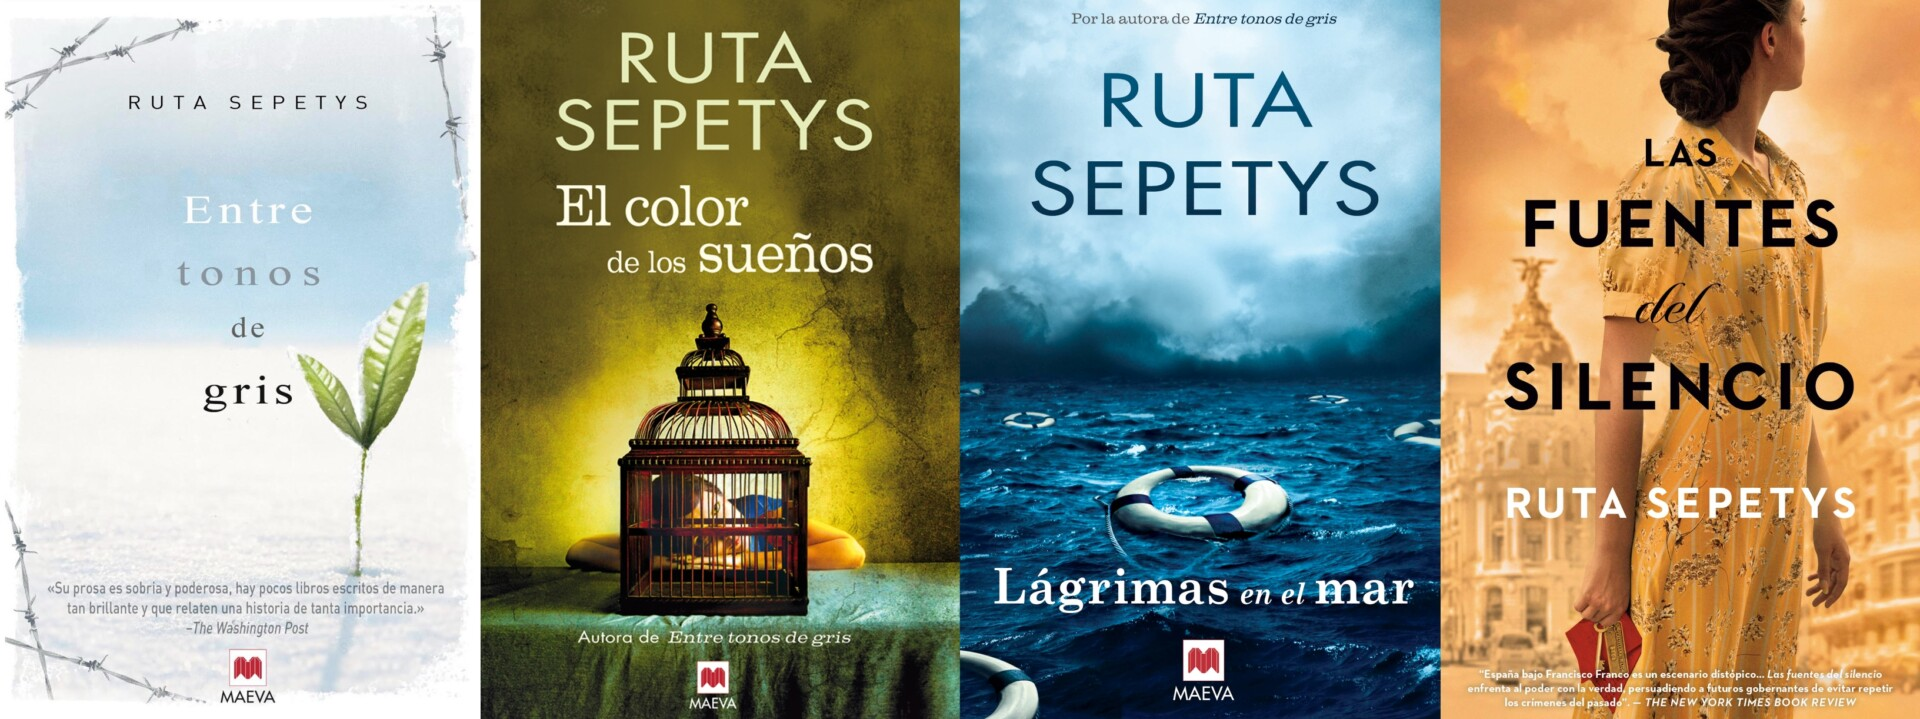 Ruta Sepetys novelas